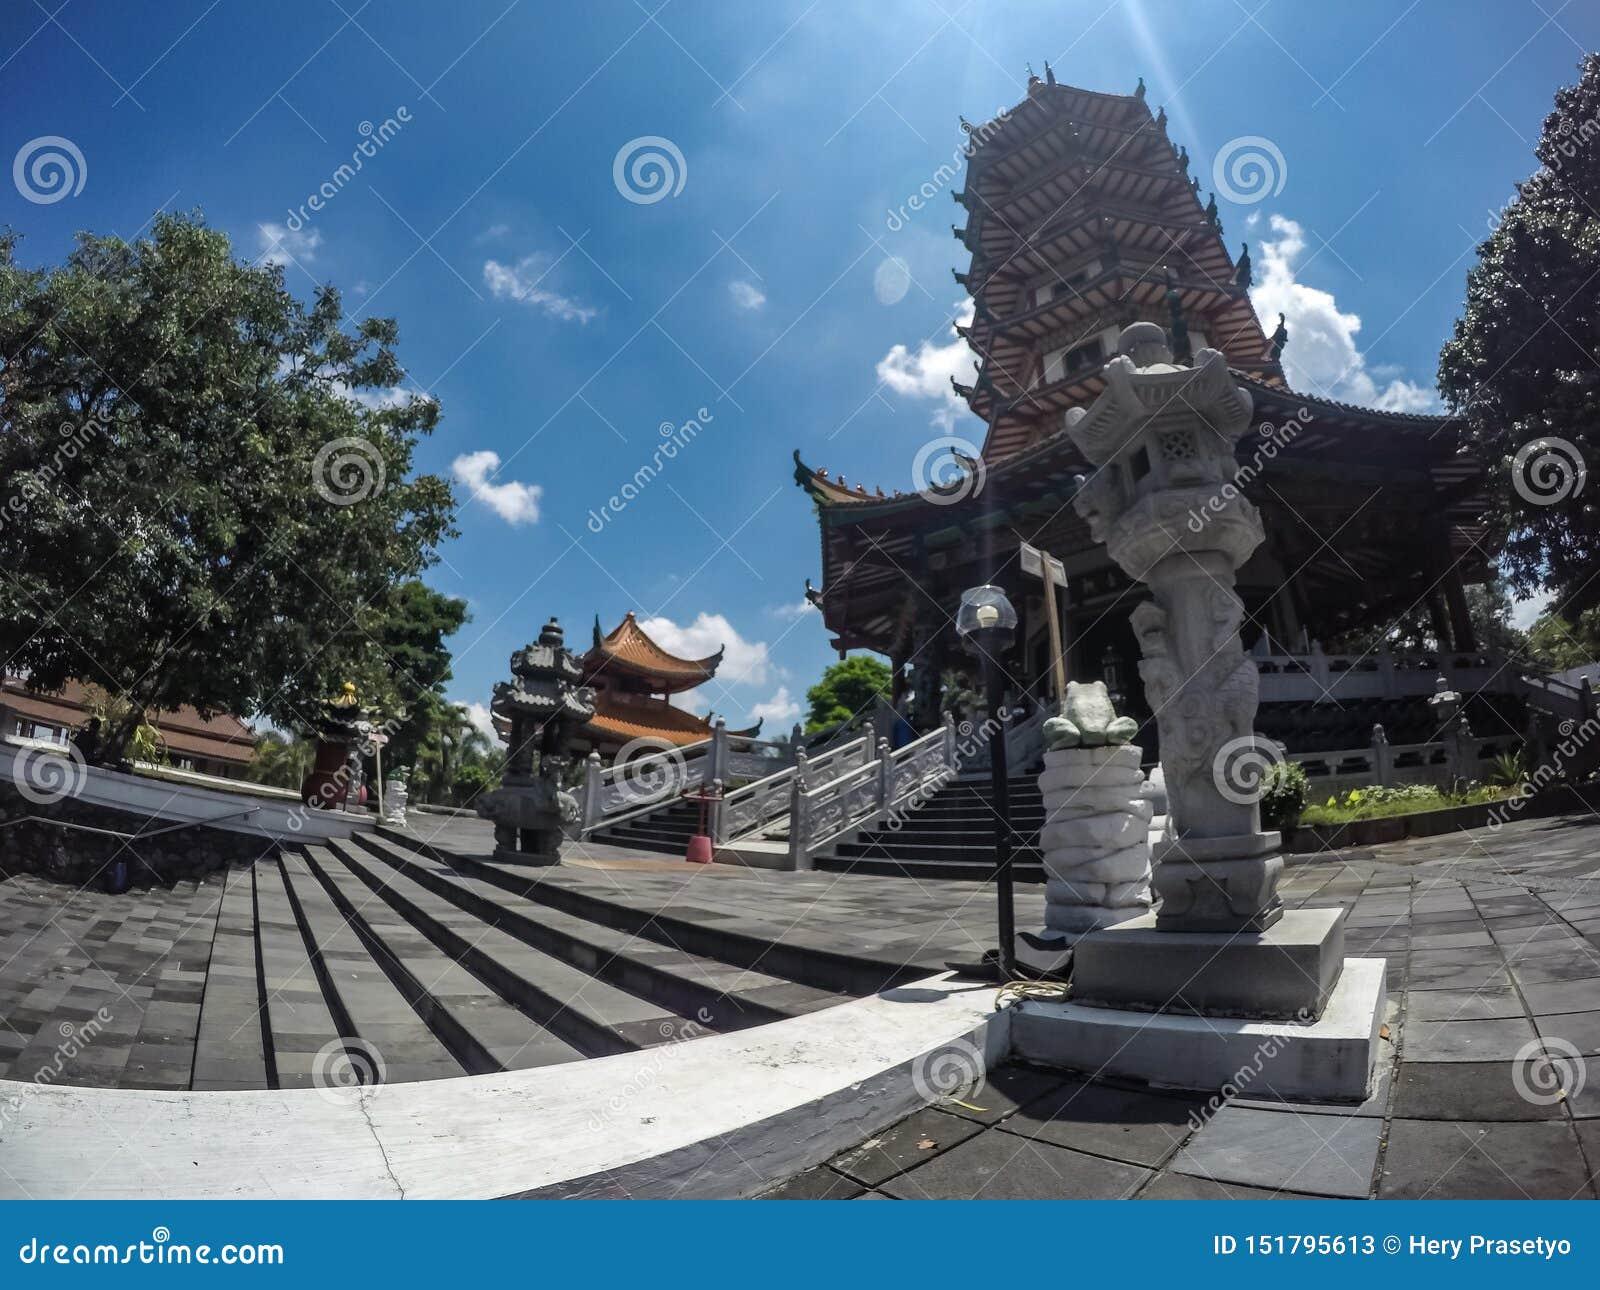 Buddhagayatempel in Semarang, Centraal Java, Indonesië